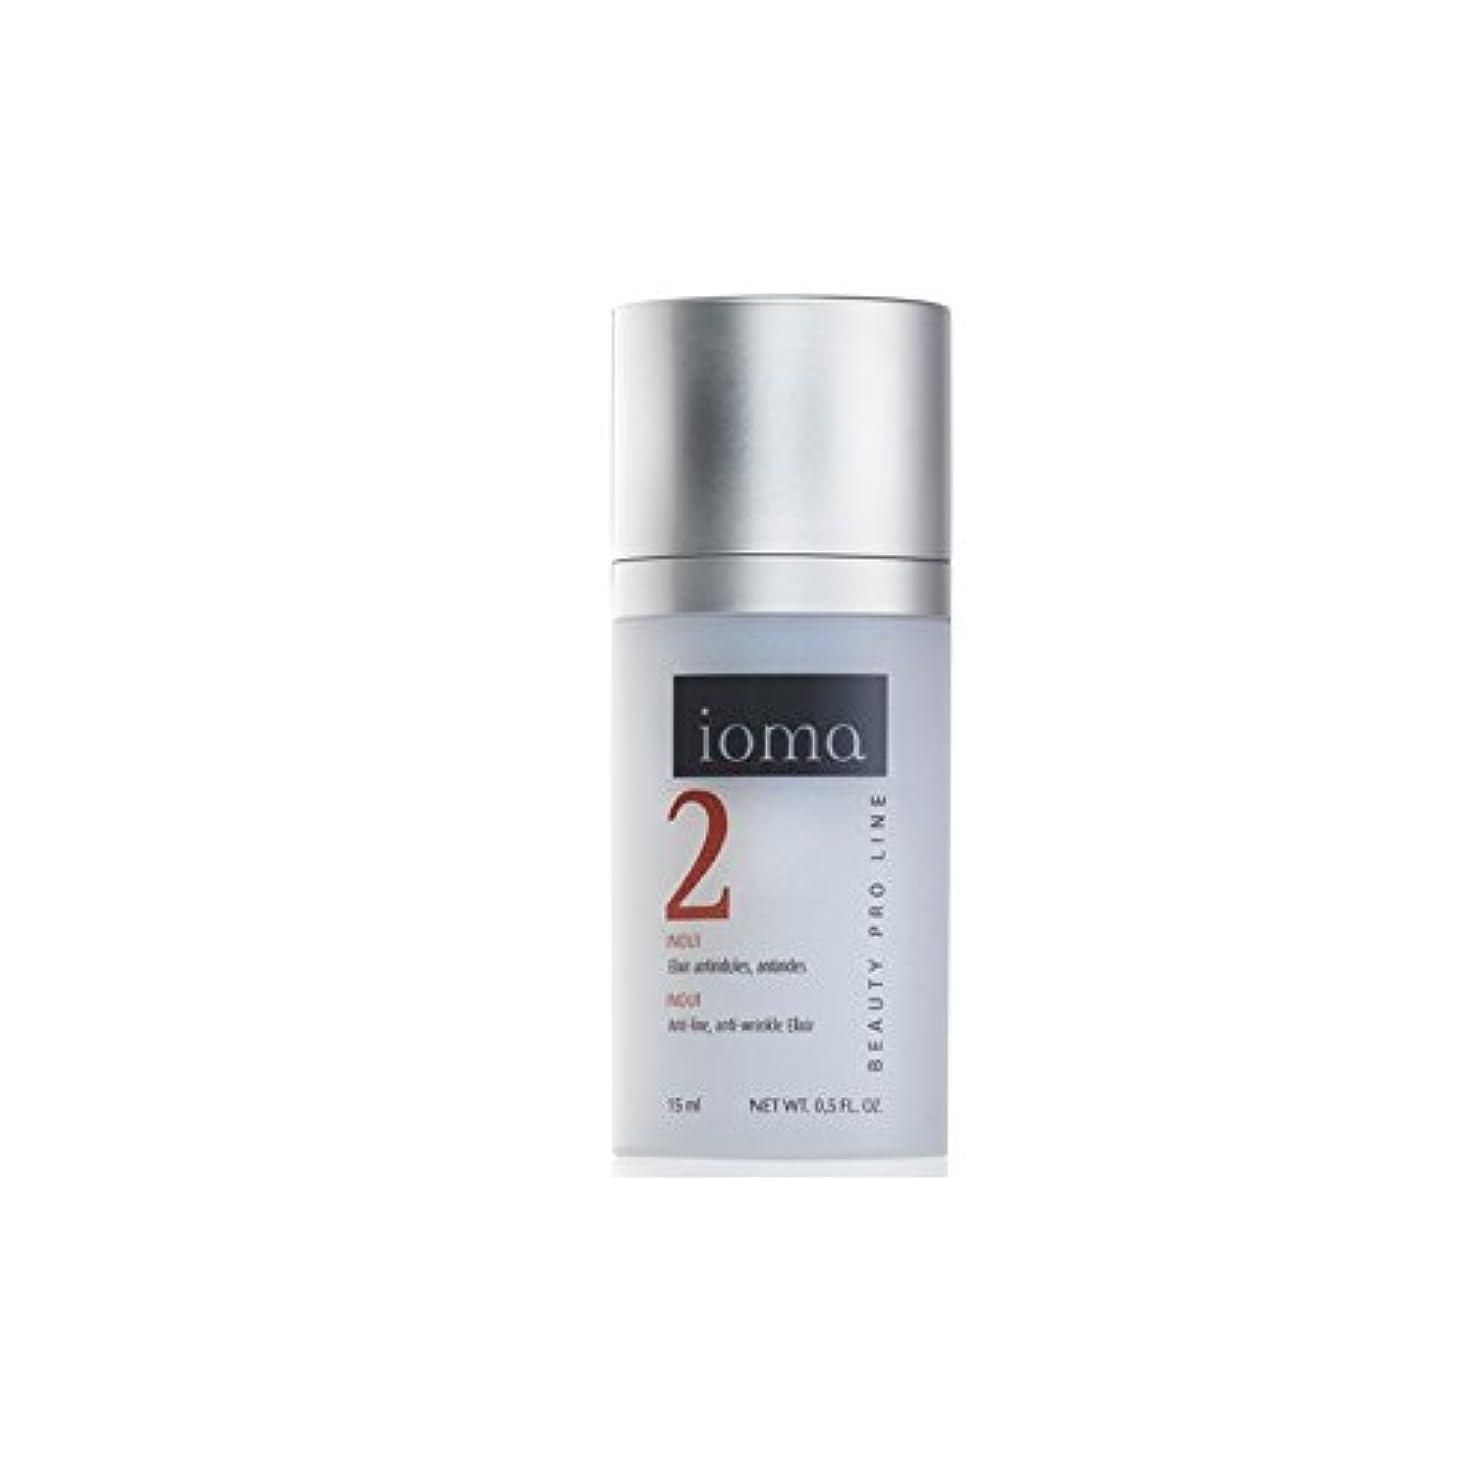 合理化確認してくださいインストールIoma Anti-Wrinkle Moisture Elixir 15ml - 抗しわ水分エリキシルの15ミリリットル [並行輸入品]